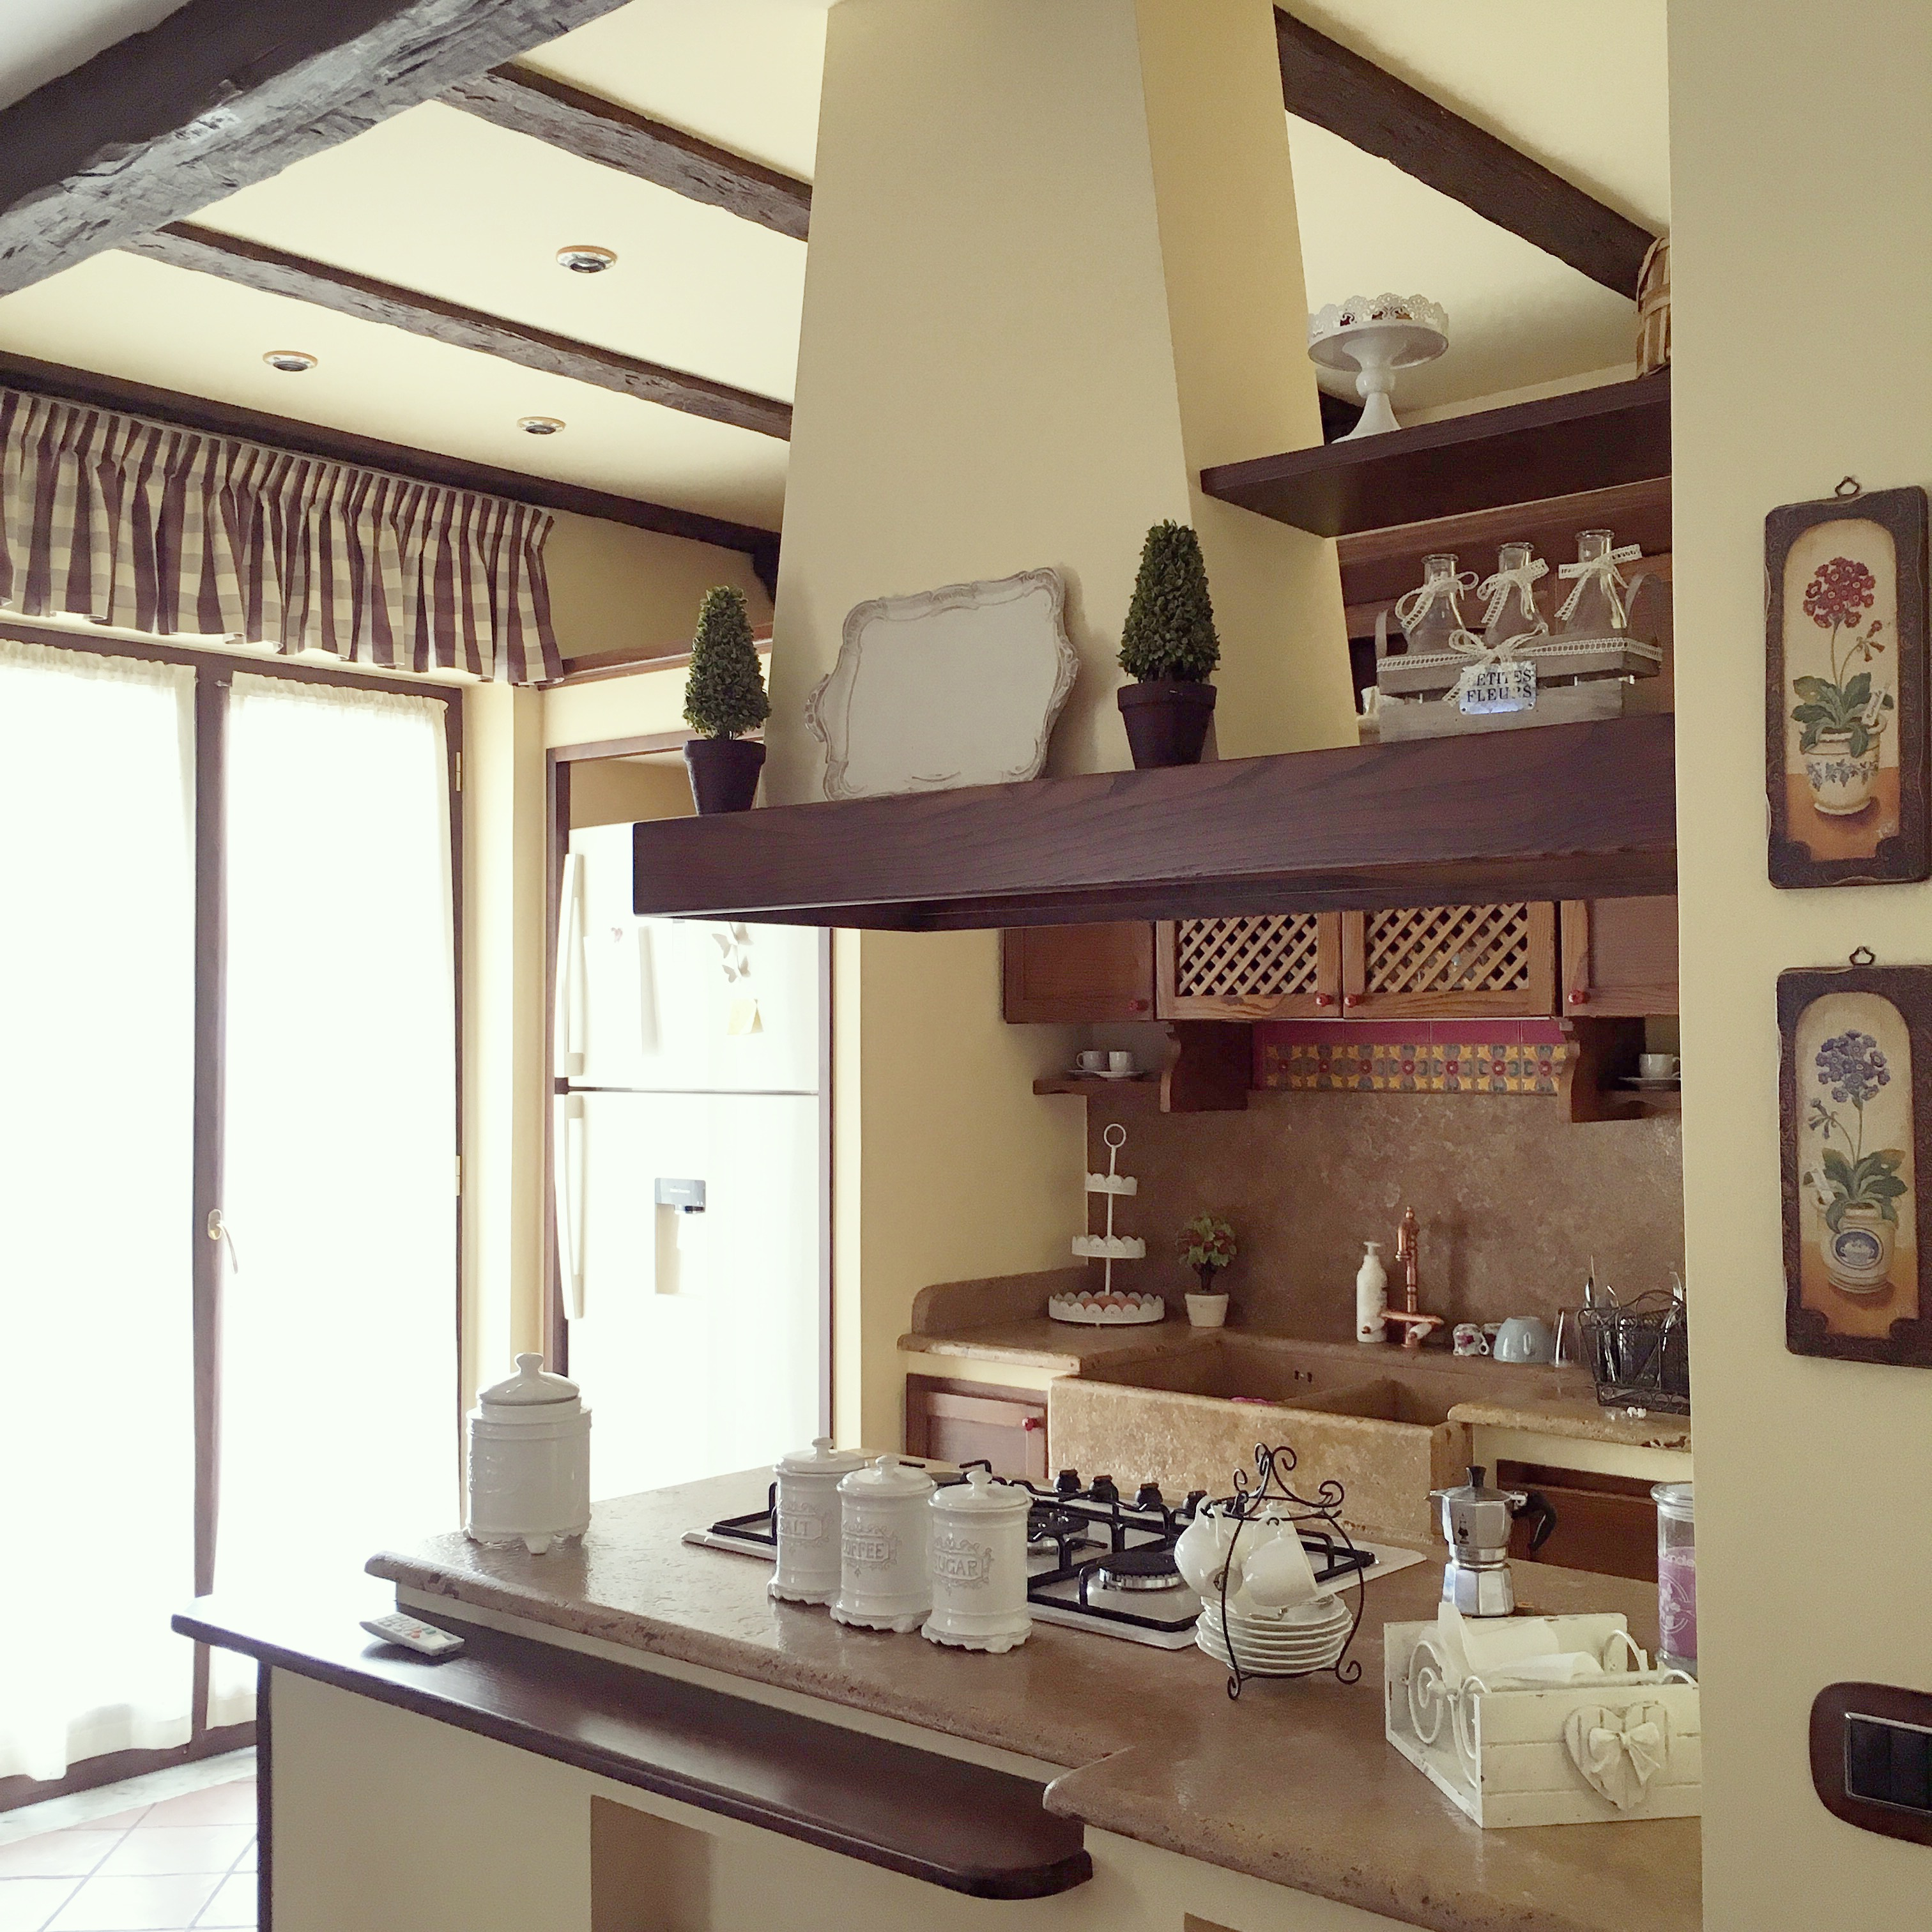 Cucina per ambiente rustico